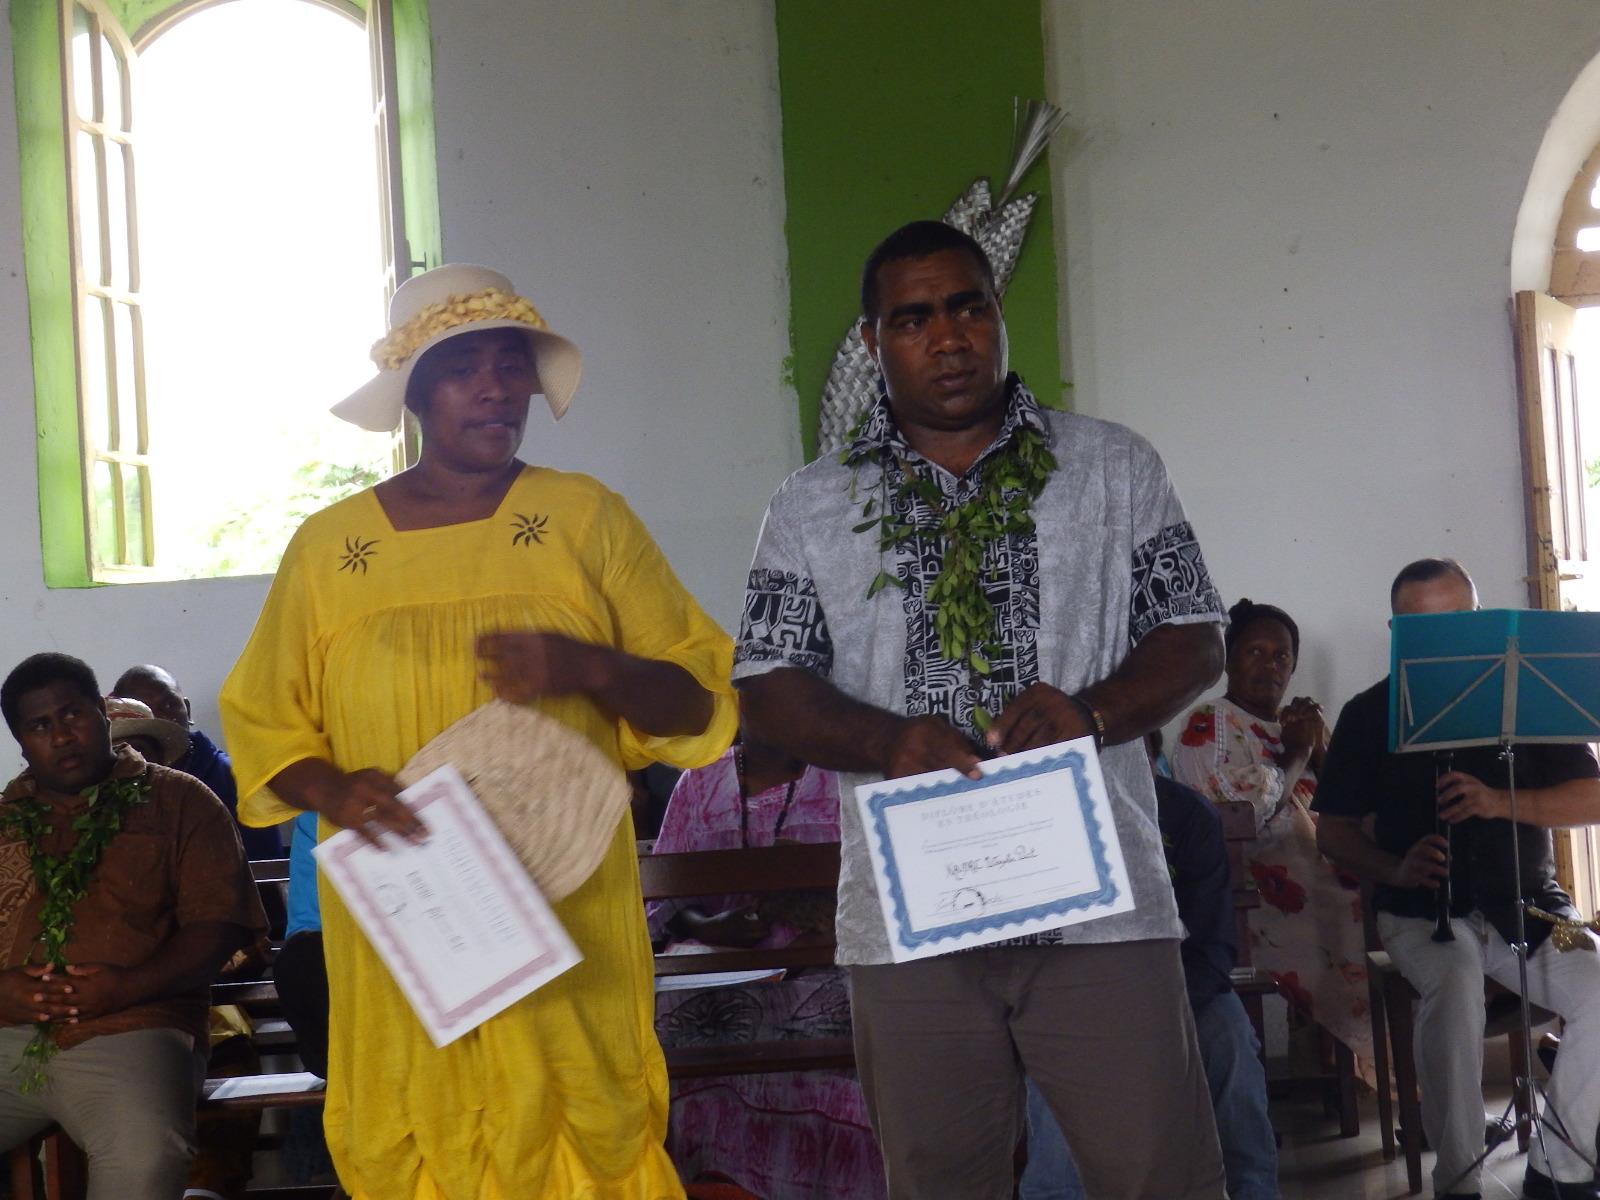 KAUDRE Peter et son épouse avec leurs diplômes exerceront dans la région de Momawe